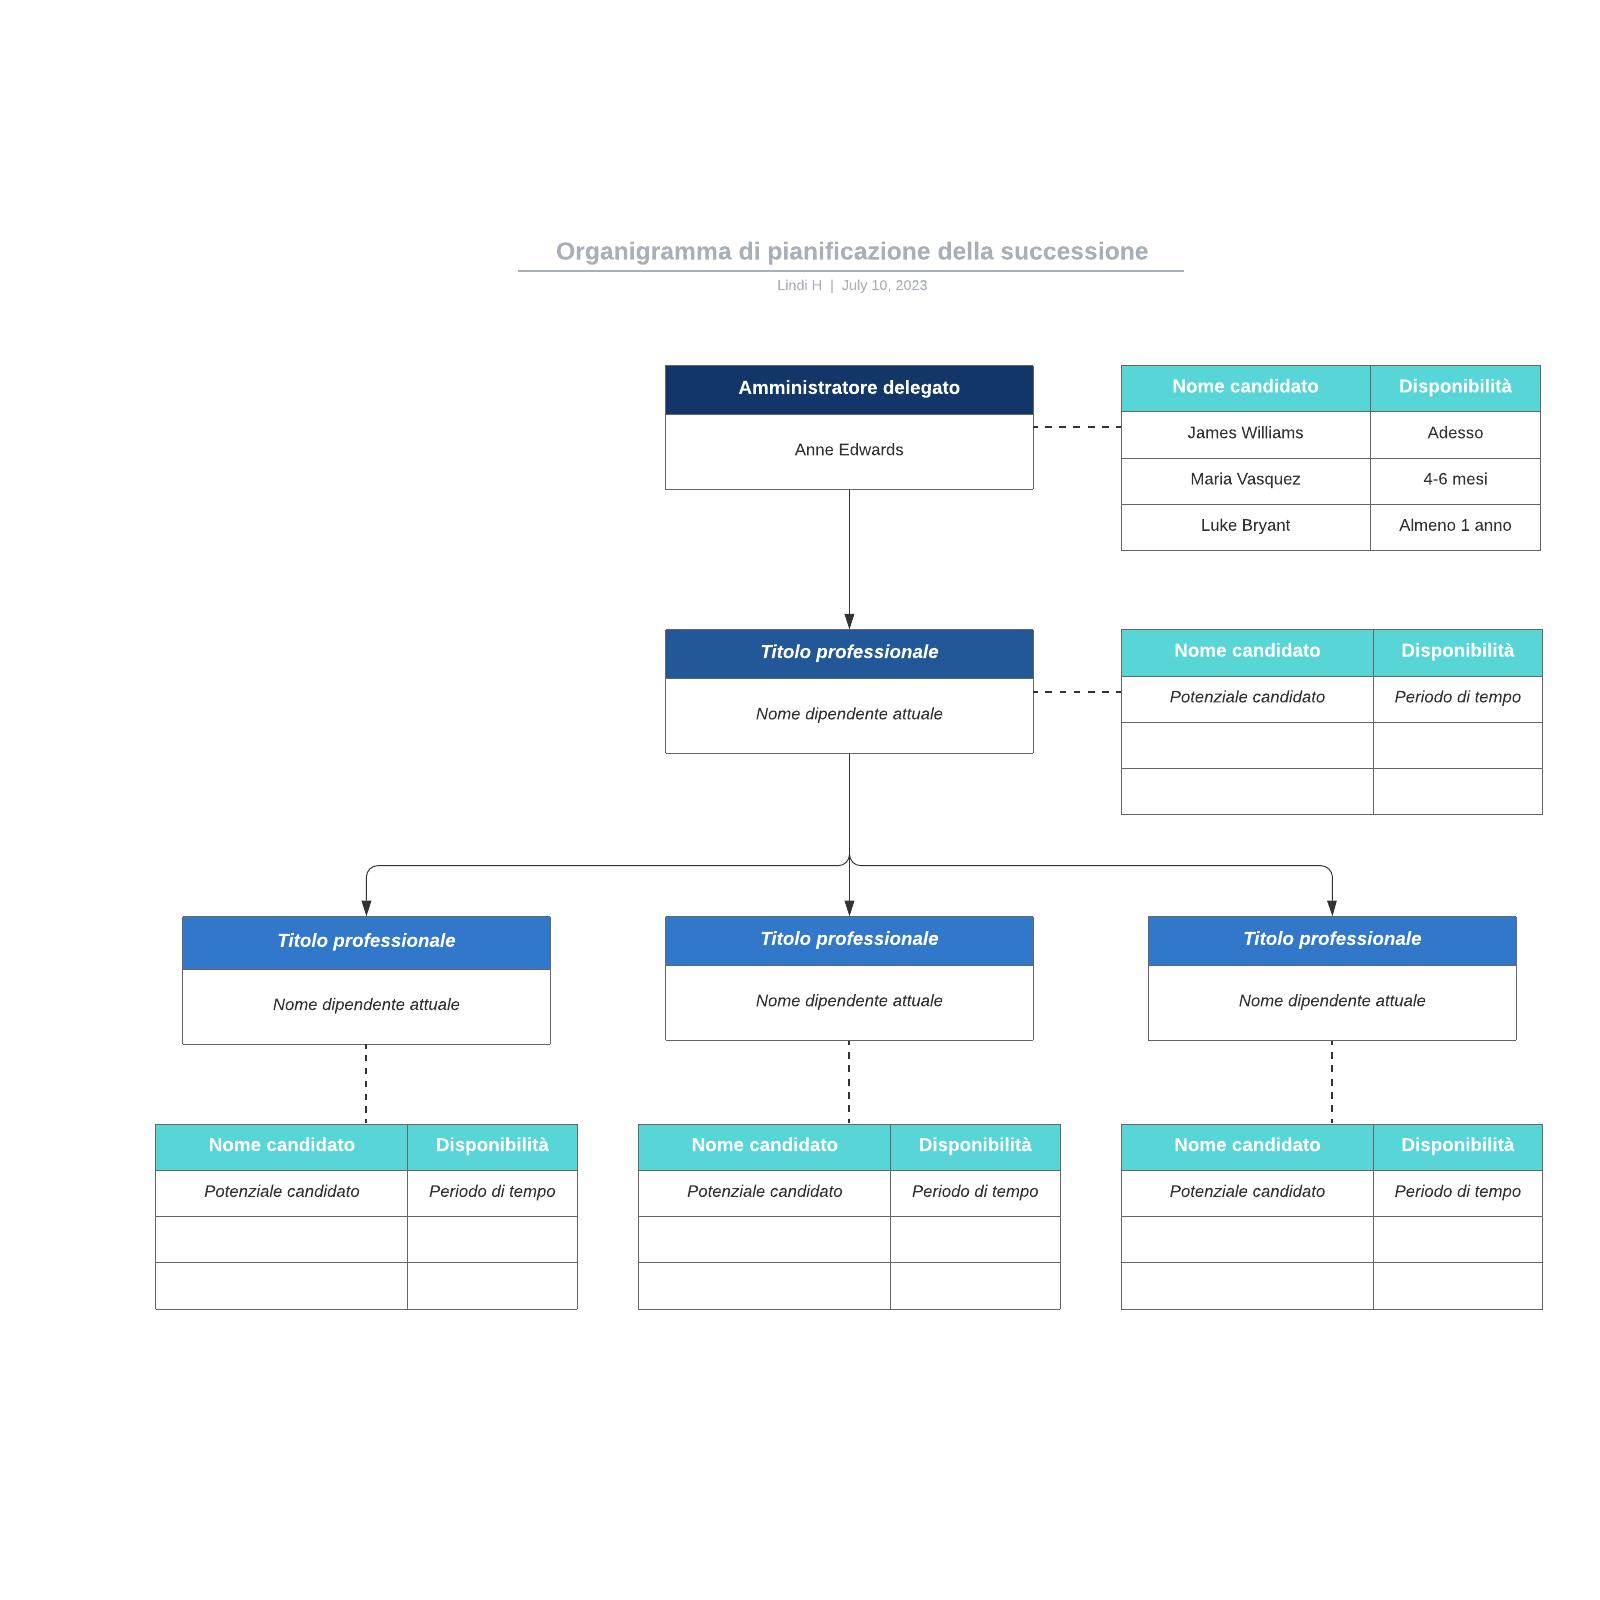 Organigramma di pianificazione della successione